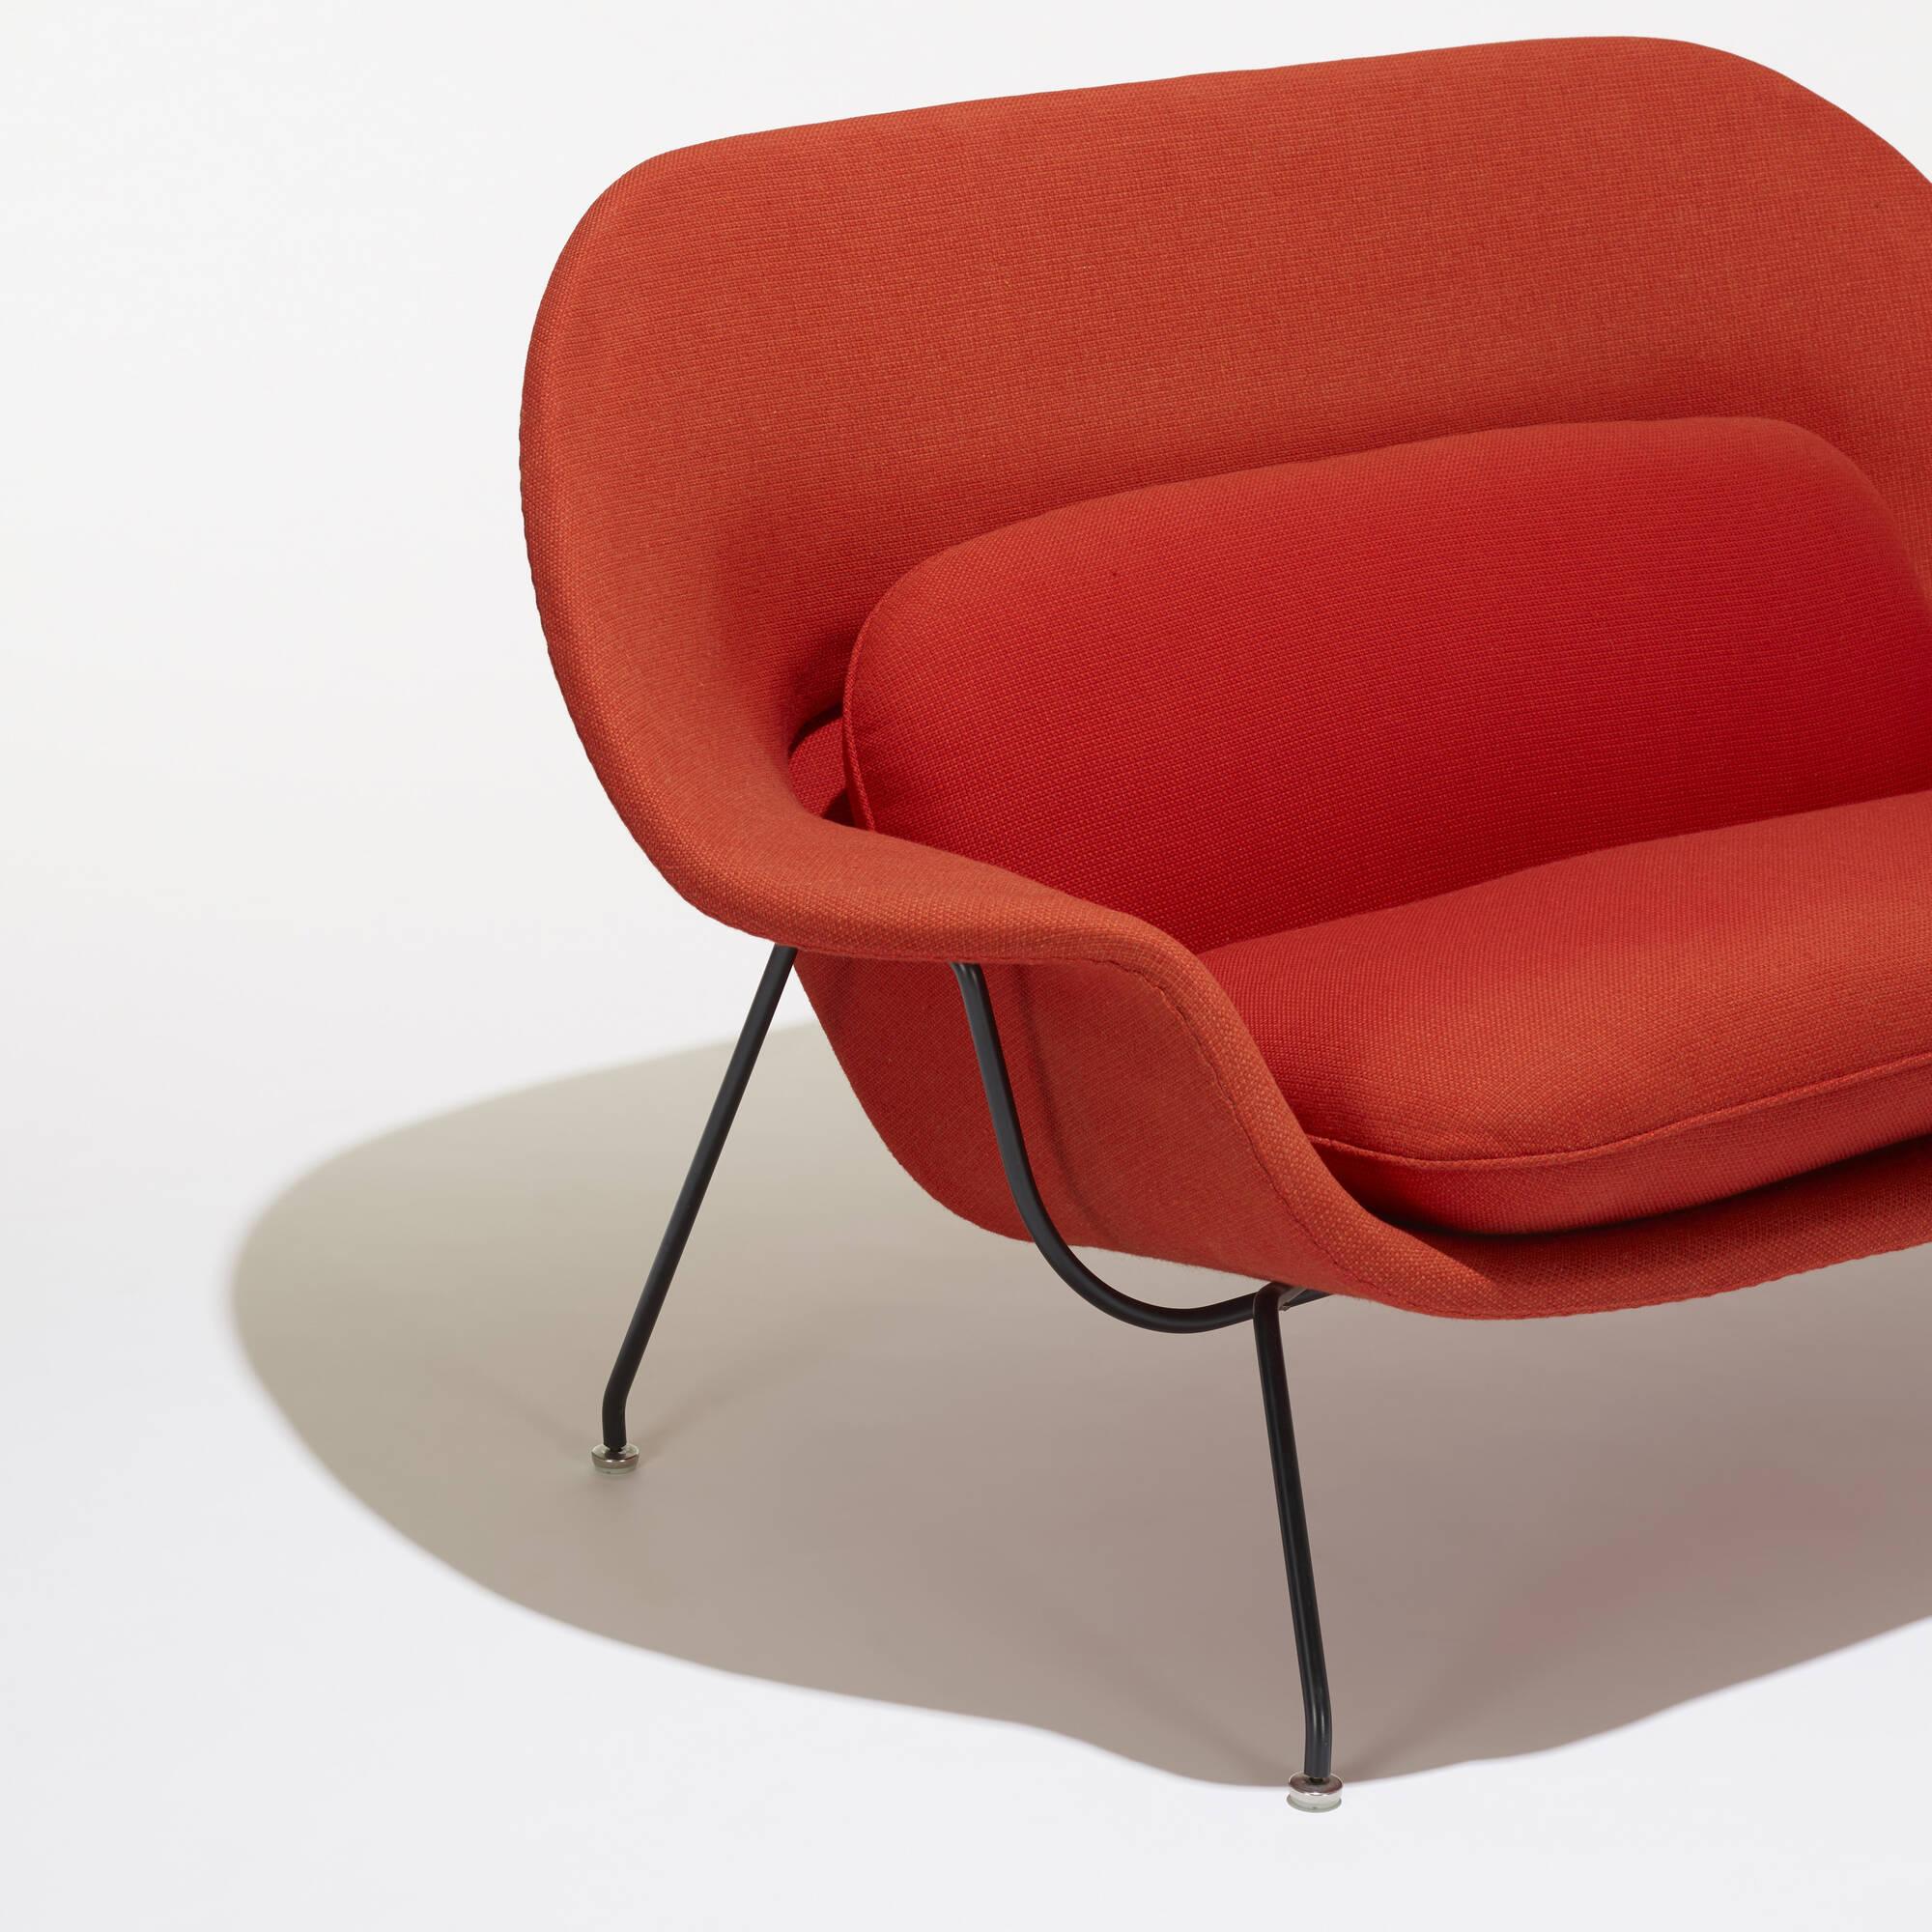 105 Eero Saarinen Womb settee American Design 21 September